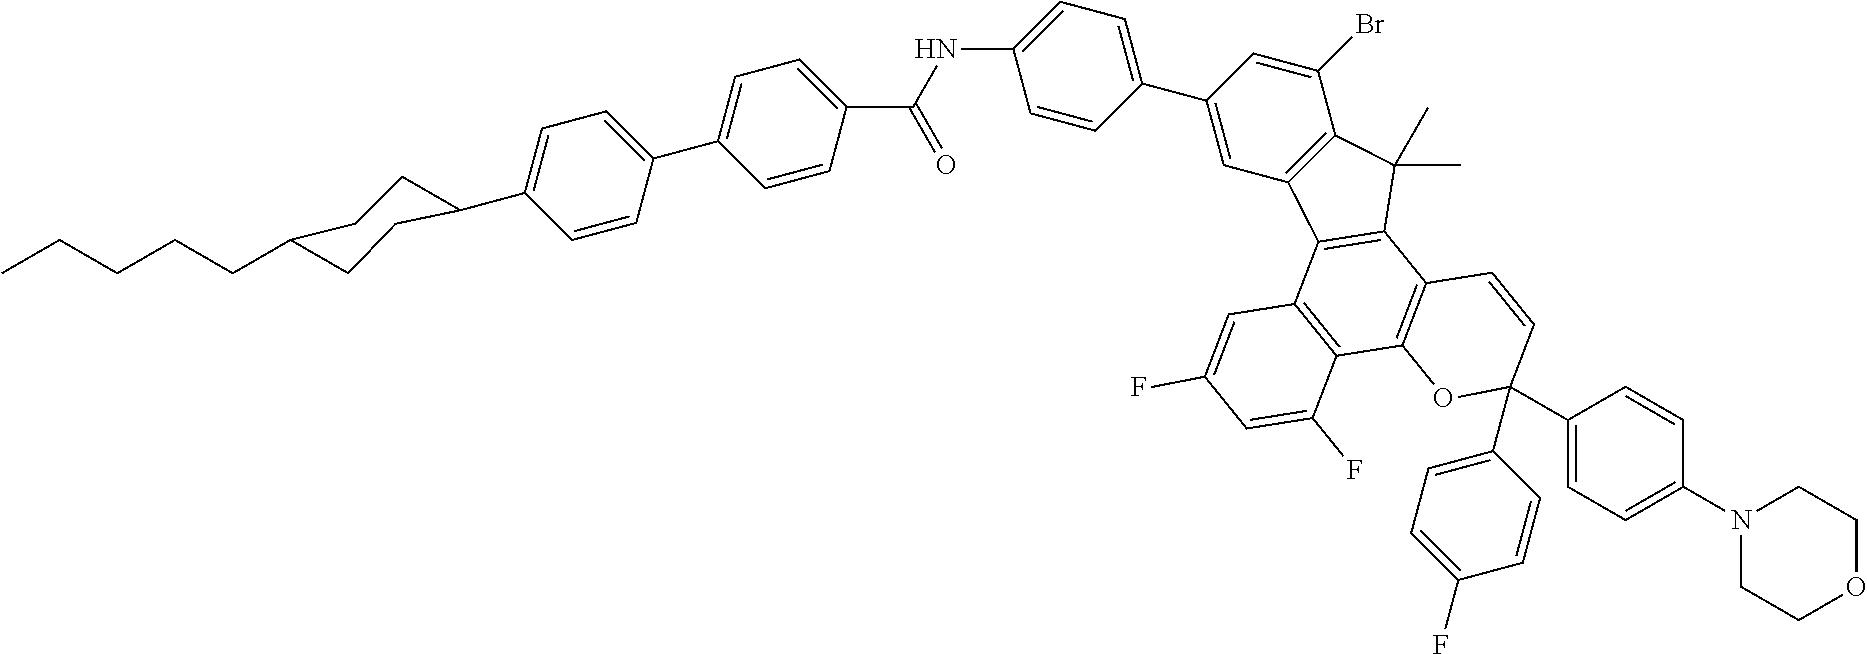 Figure US08545984-20131001-C00029